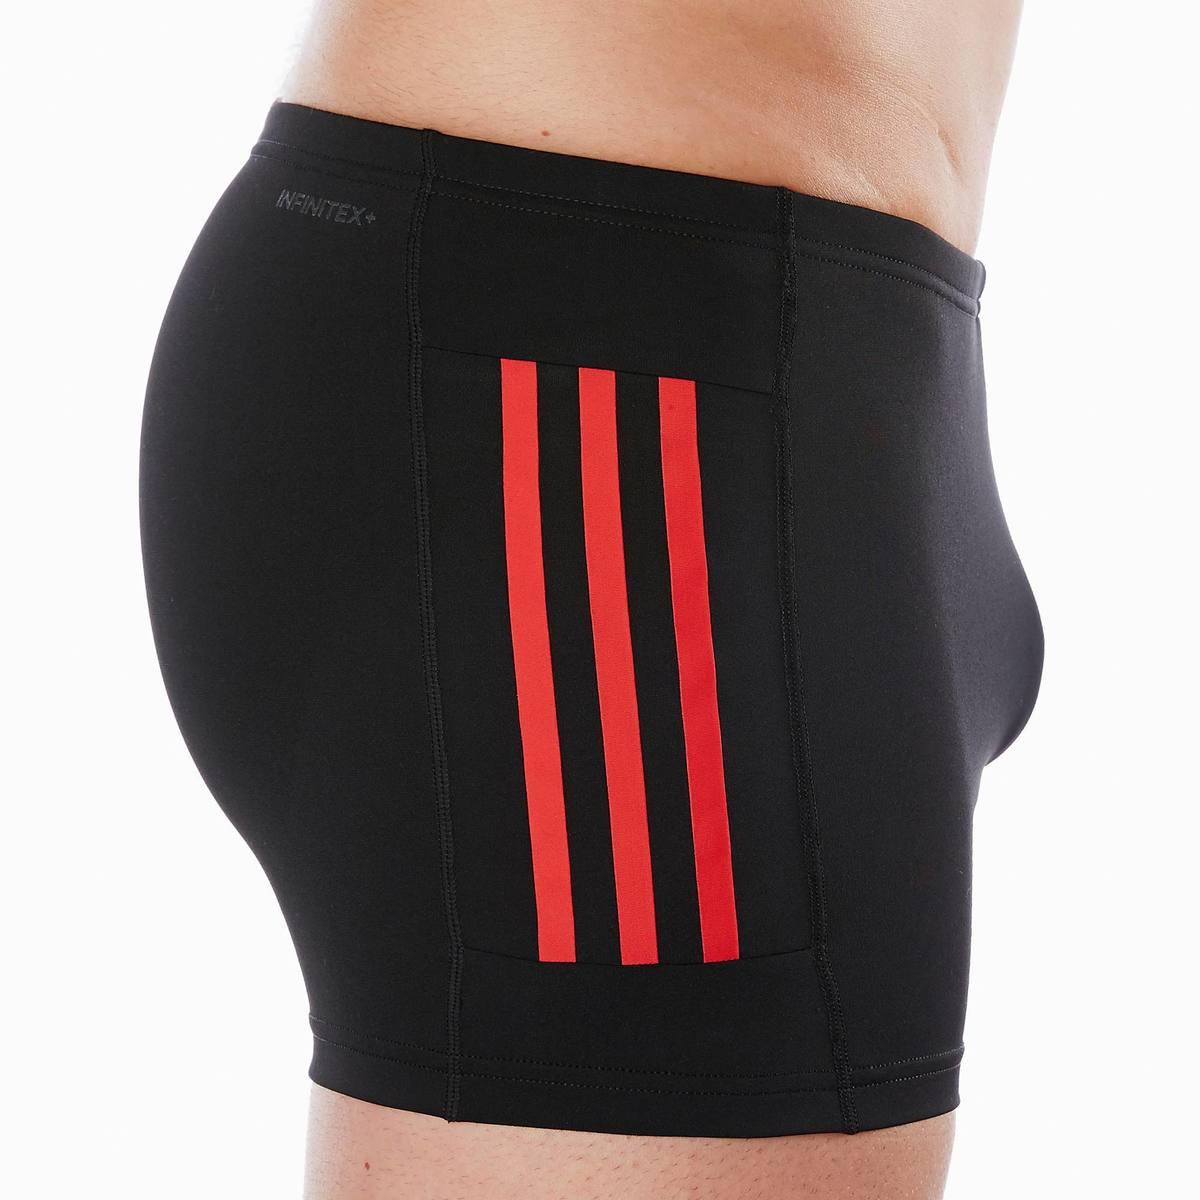 Bild 4 von Badehose Boxer 3 Streifen Herren schwarz/rot